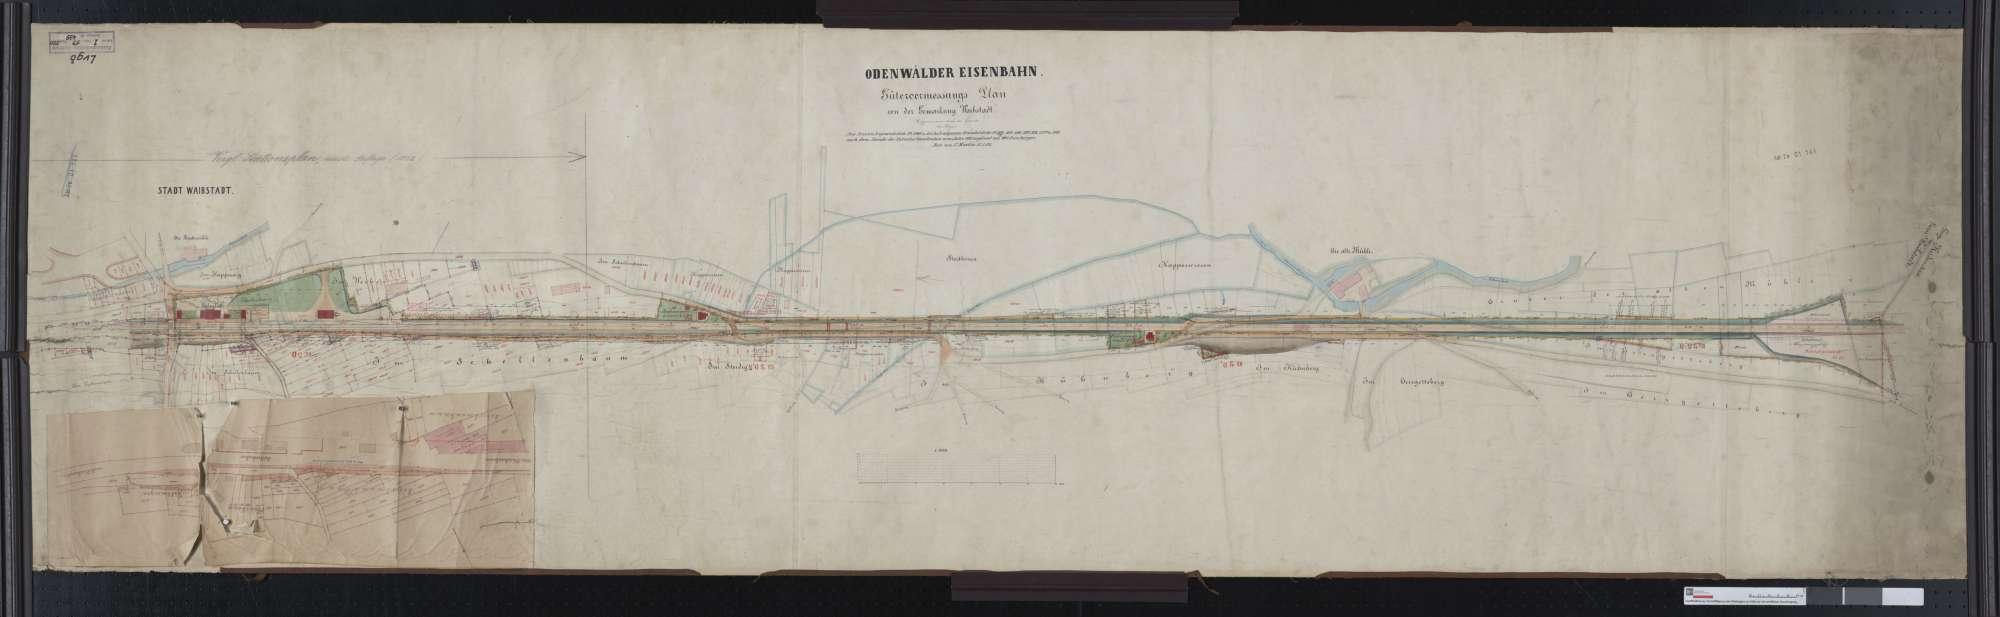 Gütervermessung der Odenwälder Eisenbahn: Gemarkung Waibstadt Streckenausschnitt: 28,3 bis 30,2 km, Bild 1